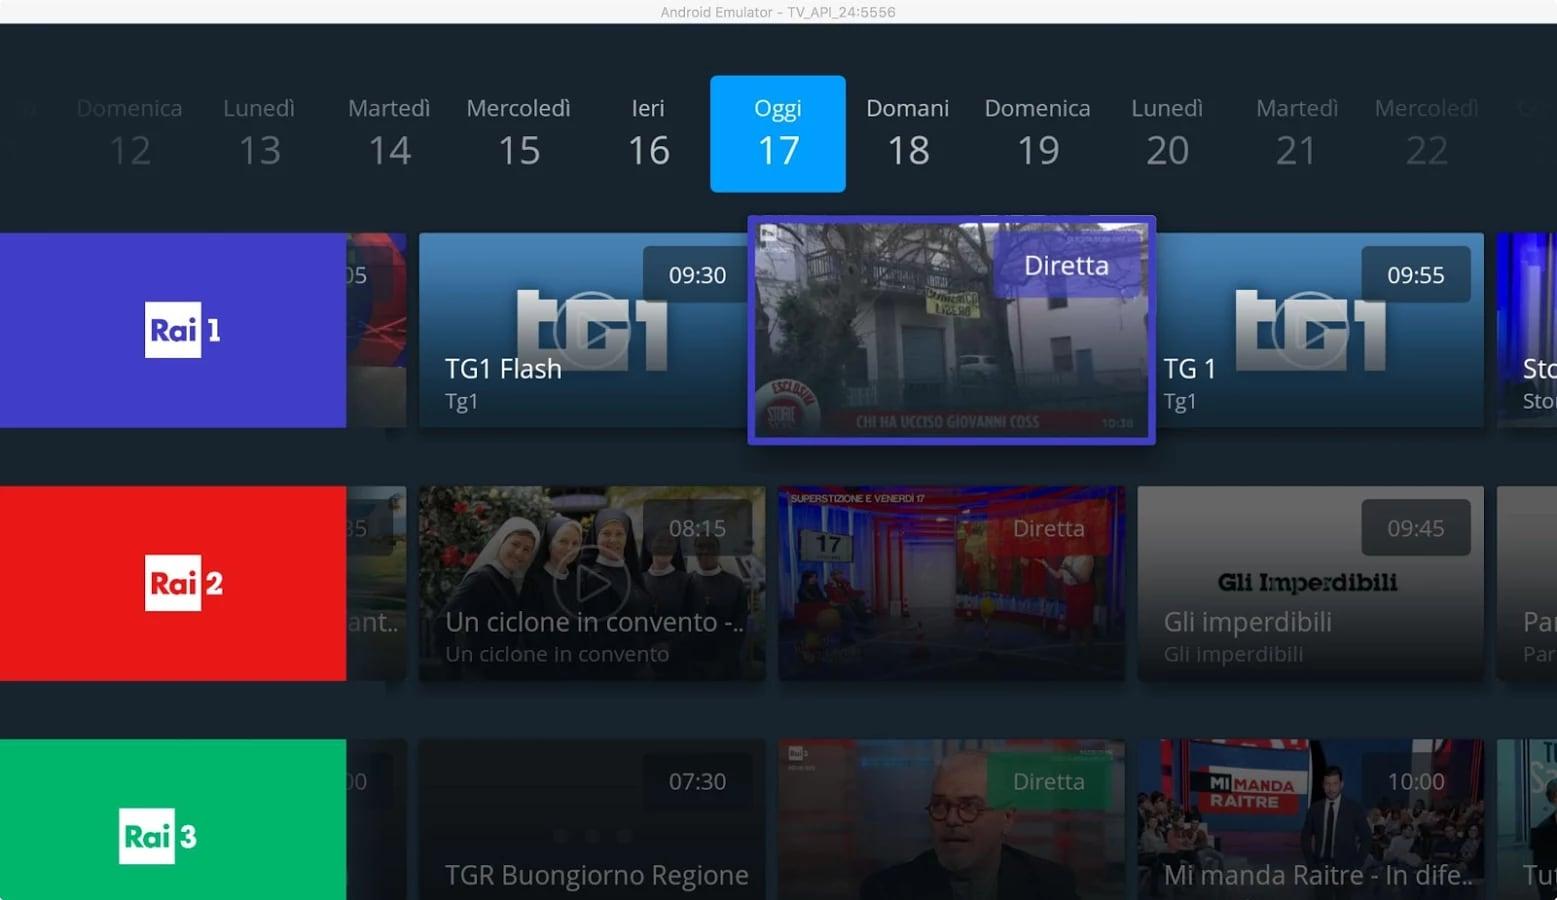 Raiplay per android tv consente di rivedere programmi e